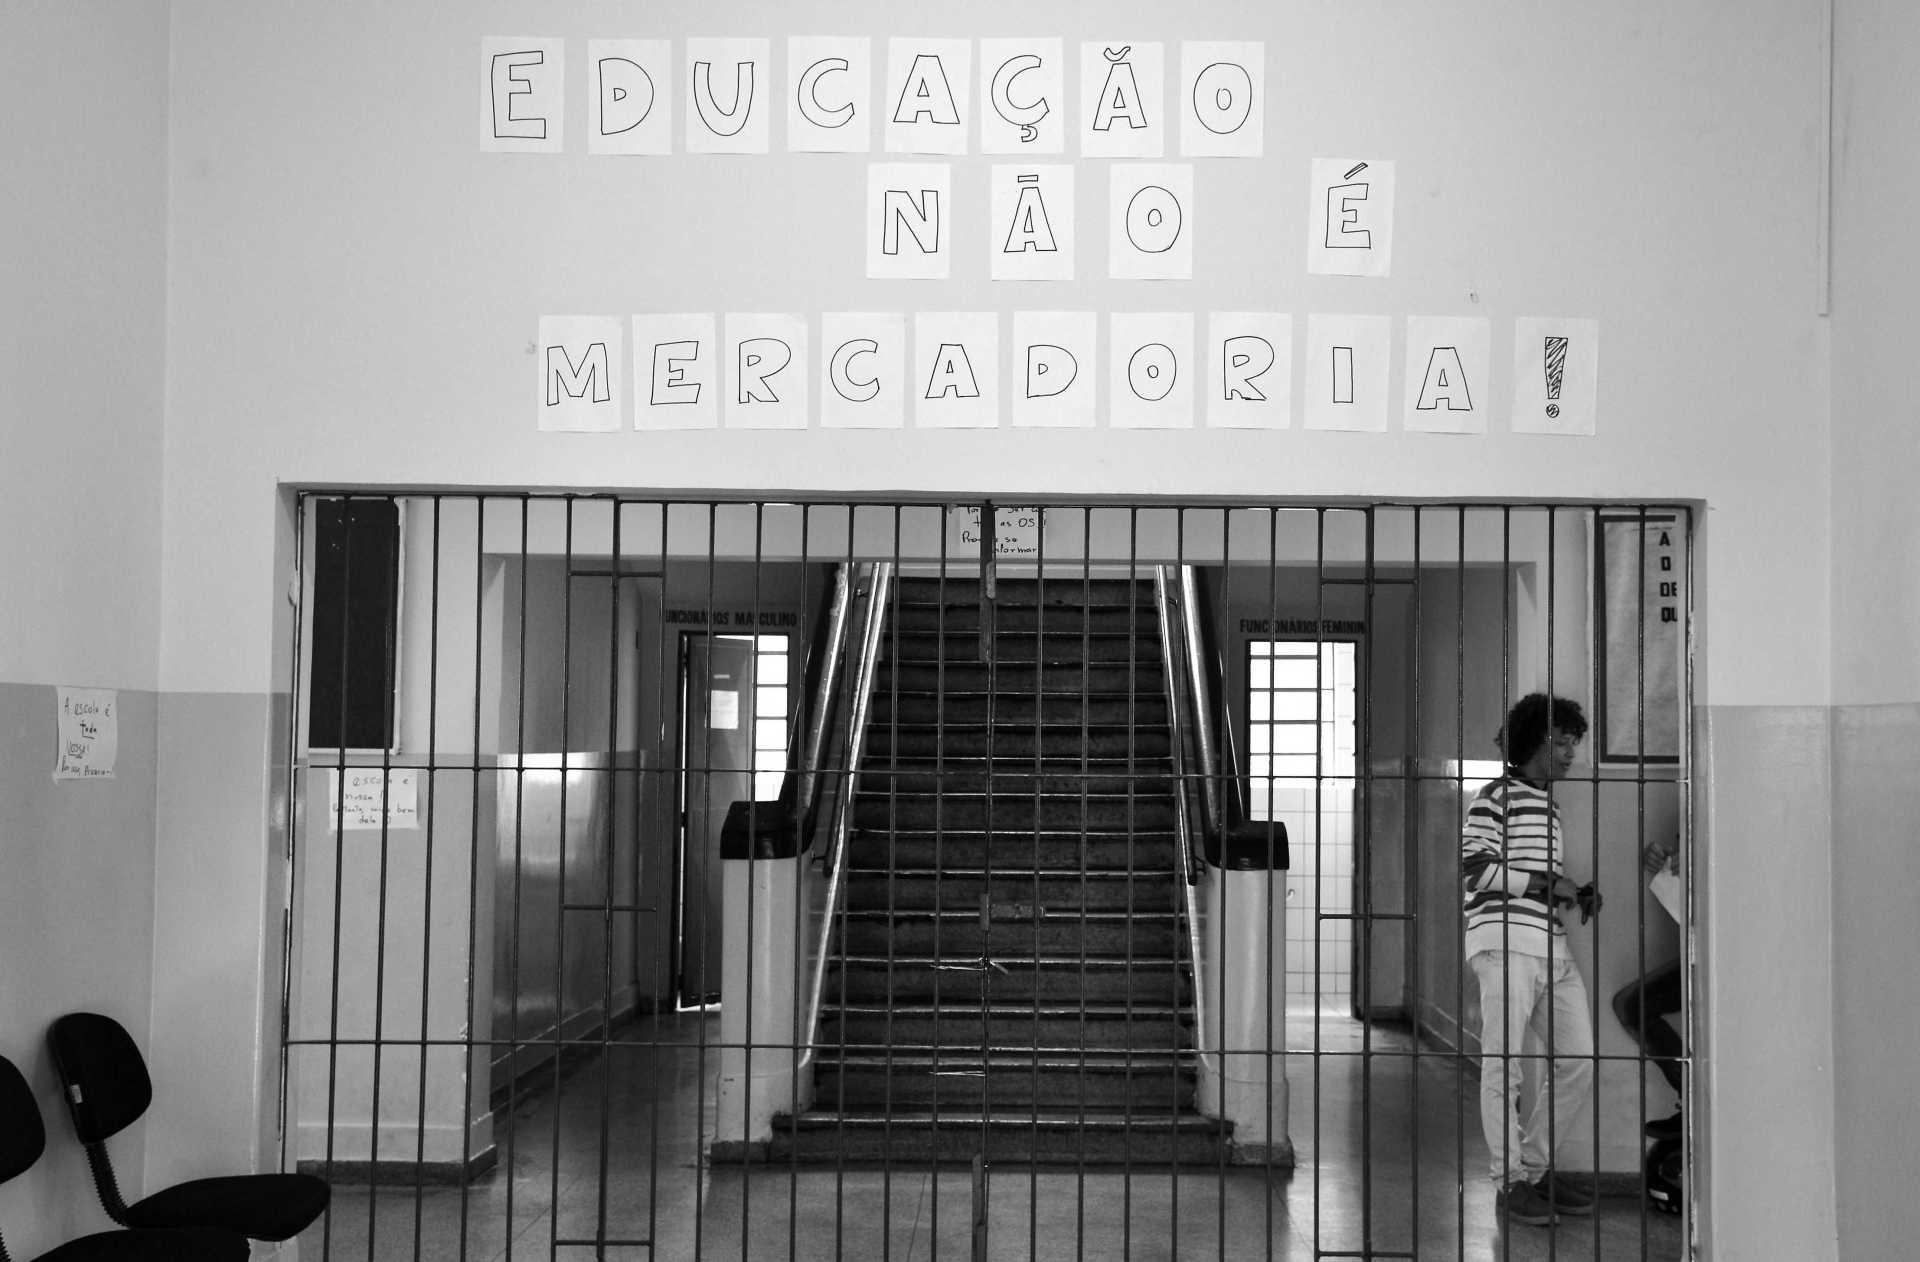 AL enfrenta onda de reformas conservadoras na educação